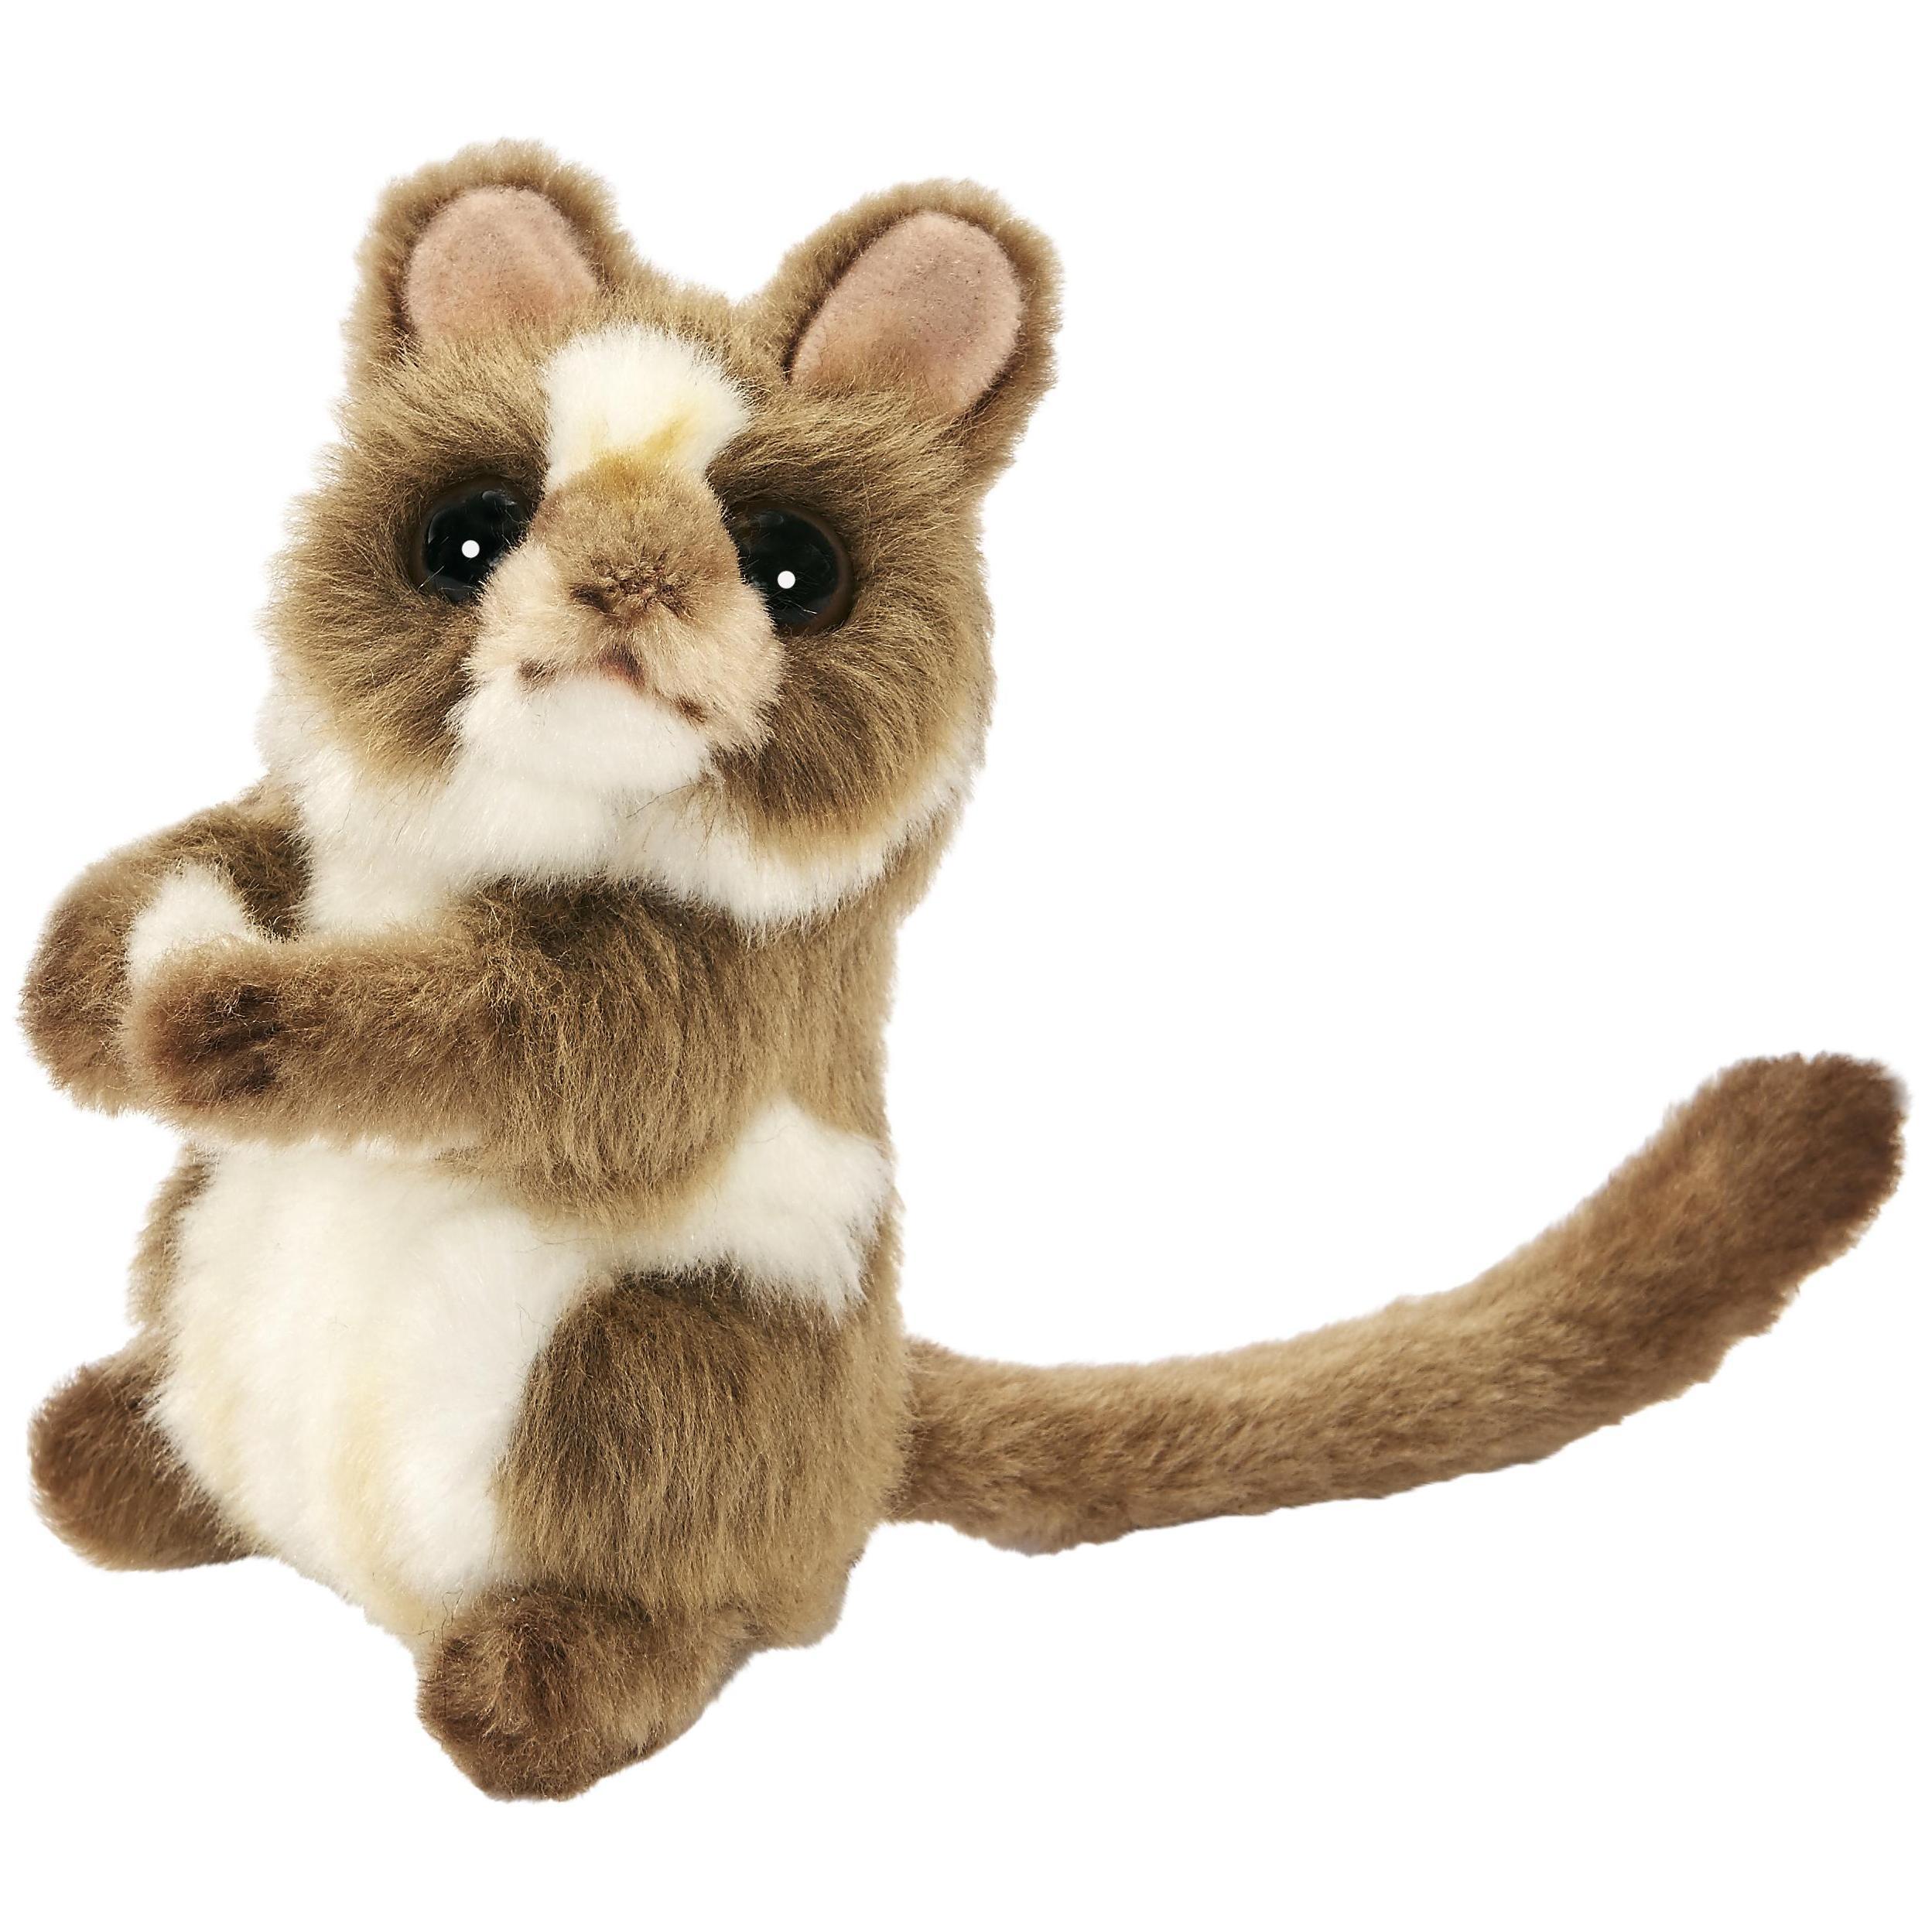 Купить Мягкая игрушка Hansa Долгопят , 15 см, Hansa Creation, Филиппины